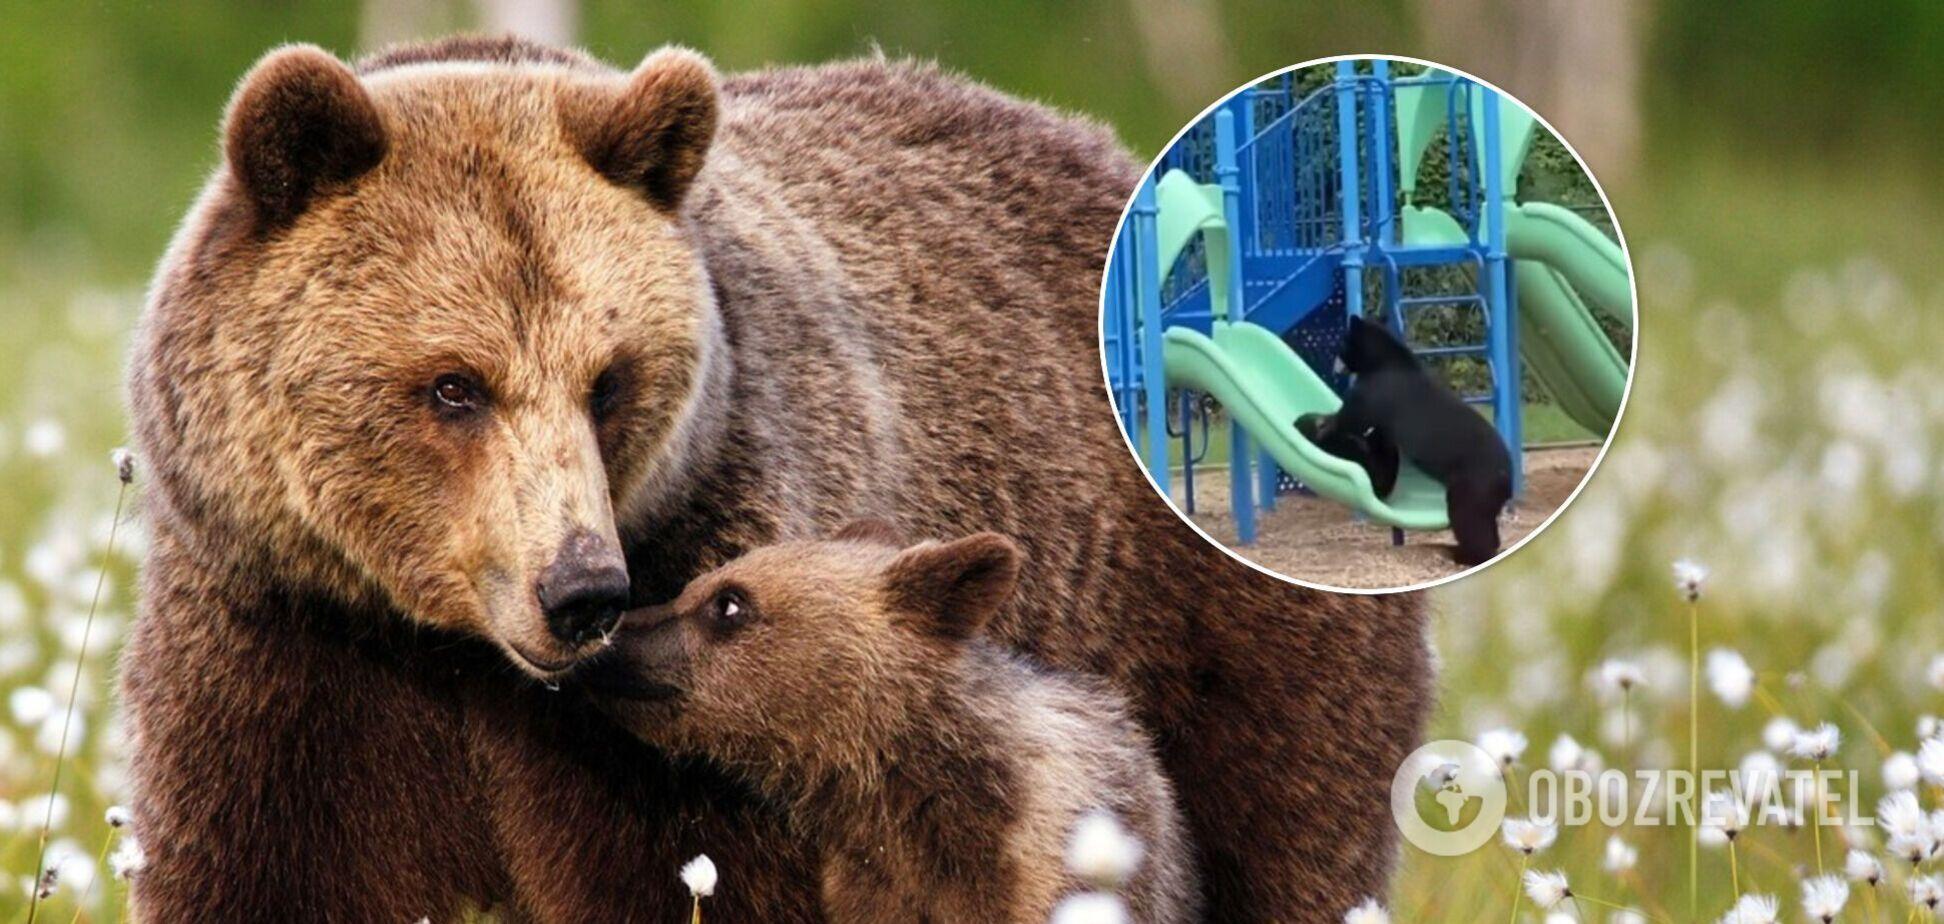 Медвежонок с мамой пришли покататься с горки на детской площадке. Видео